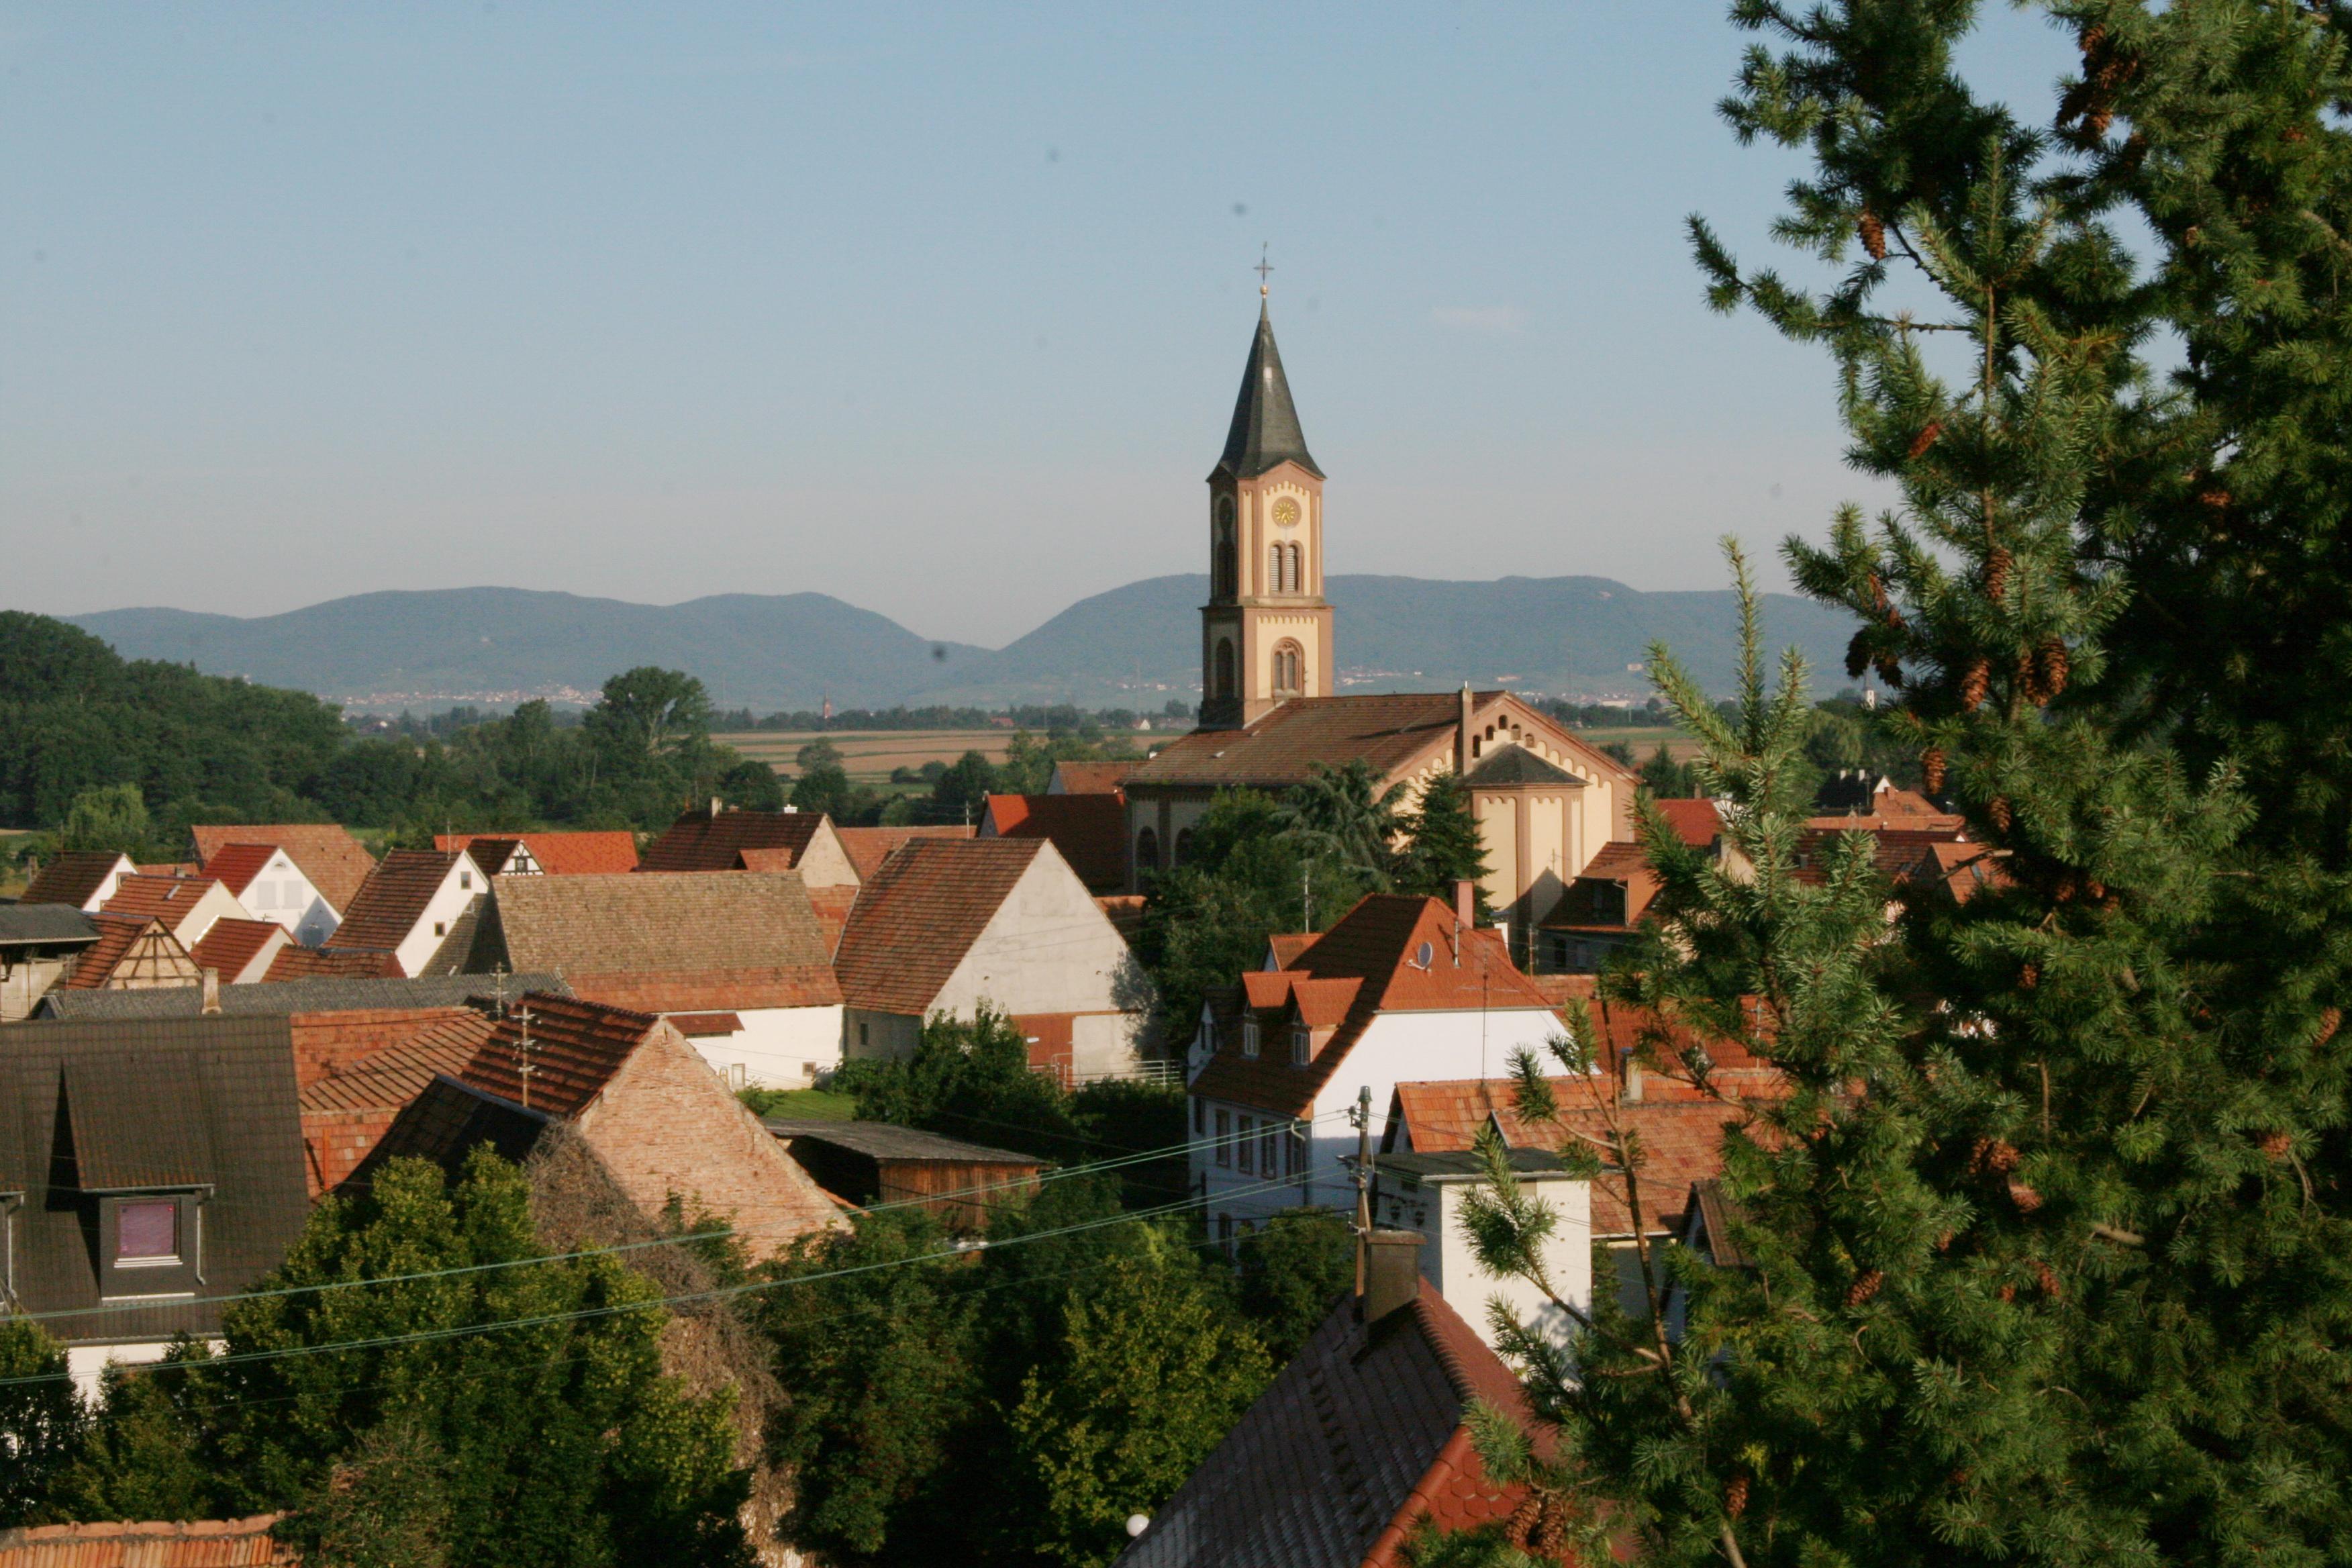 Zeiskam Verbandsgemeinde Bellheim